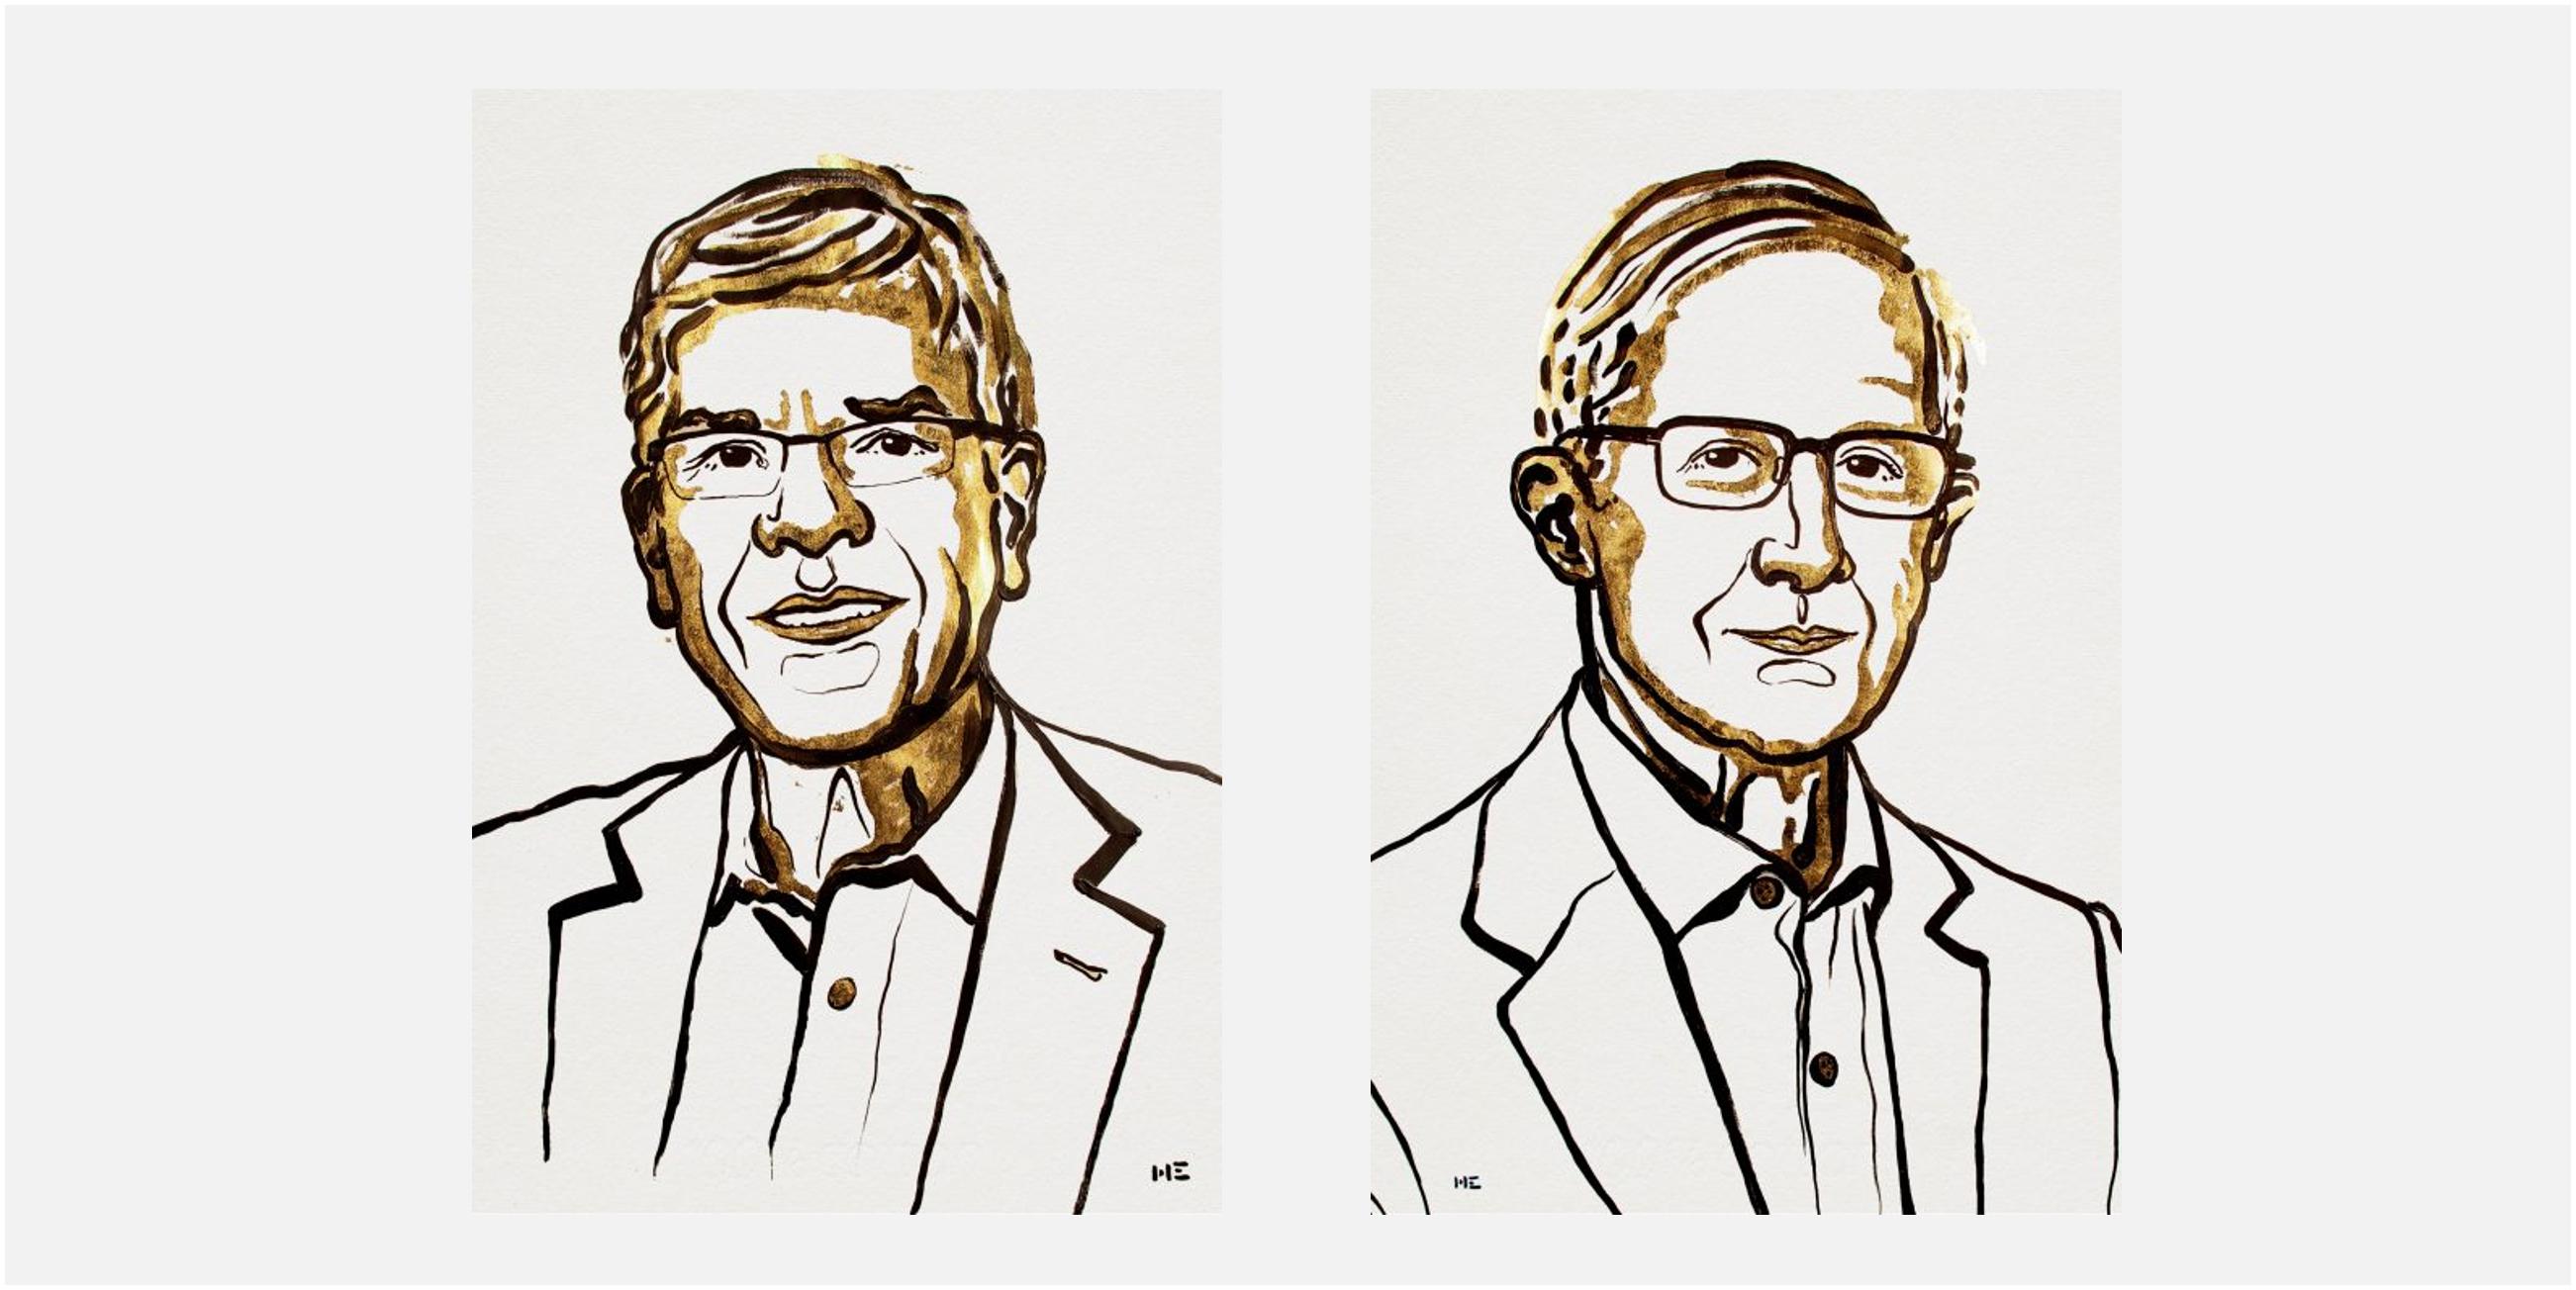 Ilustración de los Nobel de Economía 2018 William D. Nordhaus y Paul M. Romer por Niklas Elmehed, difundida por la Academia Sueca.